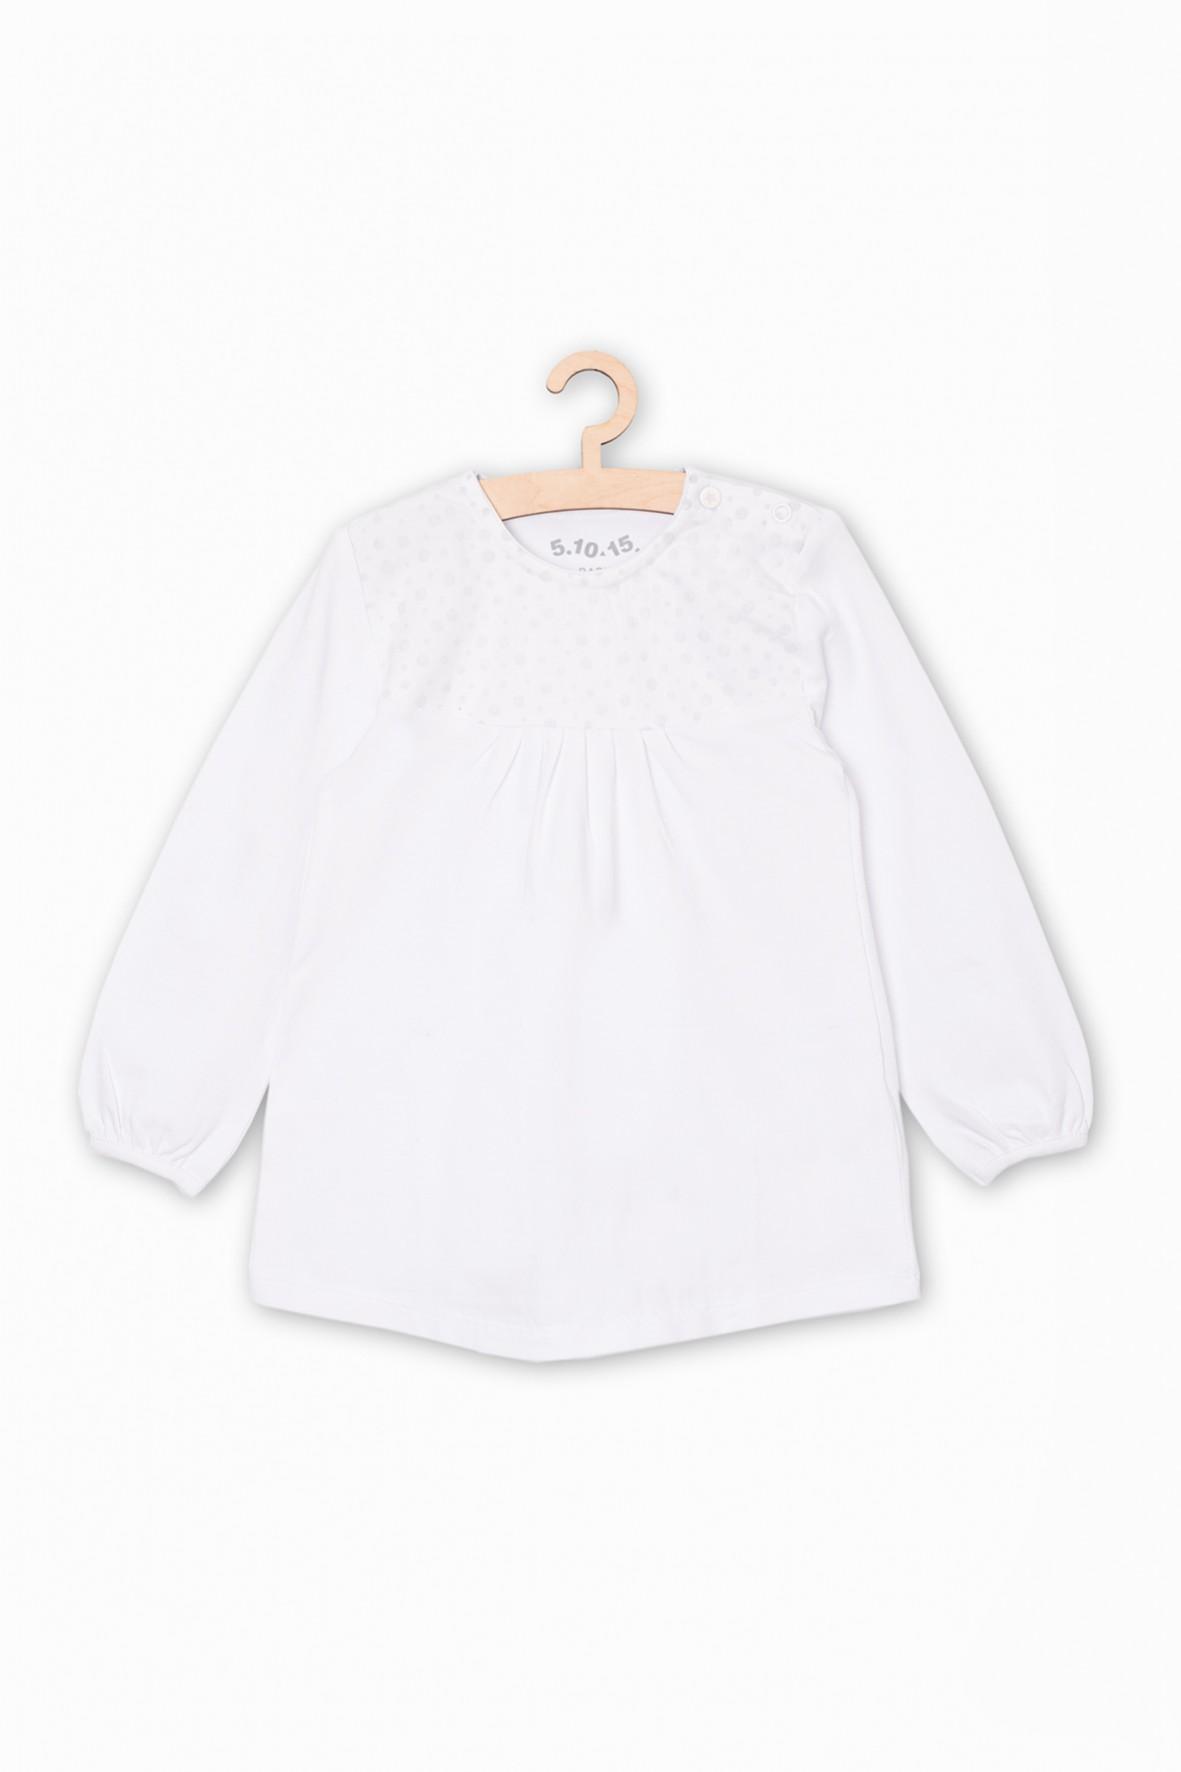 Biała bluzka dla niemowlaka- długi rękaw